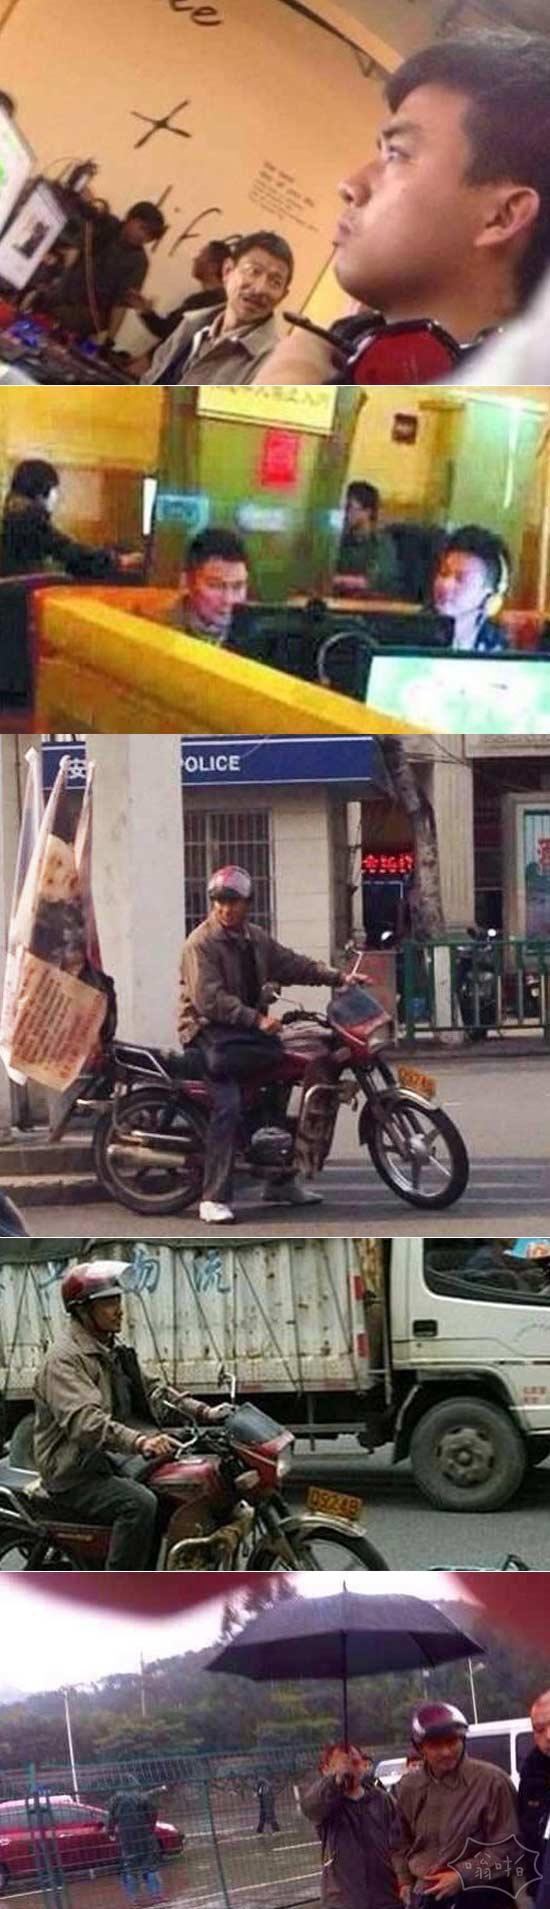 刘德华农民工打扮上网 邻座小伙淡定打游戏,刘德华新片《失孤》农民工造型曝光。